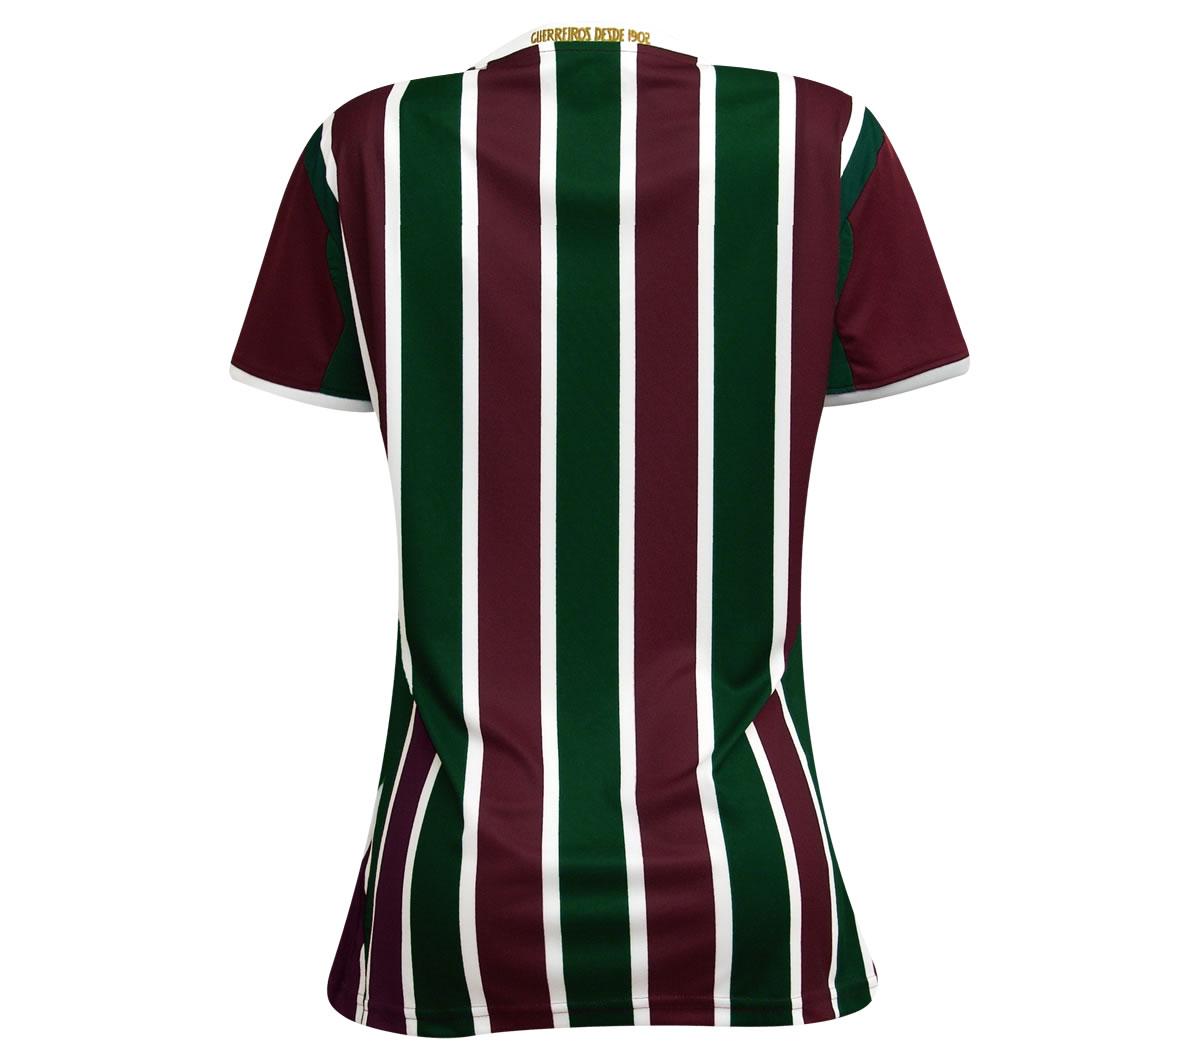 Camisa Fluminense I Adidas Feminina Oficial 13 14 - Mundo do Futebol c7037eefa85b8